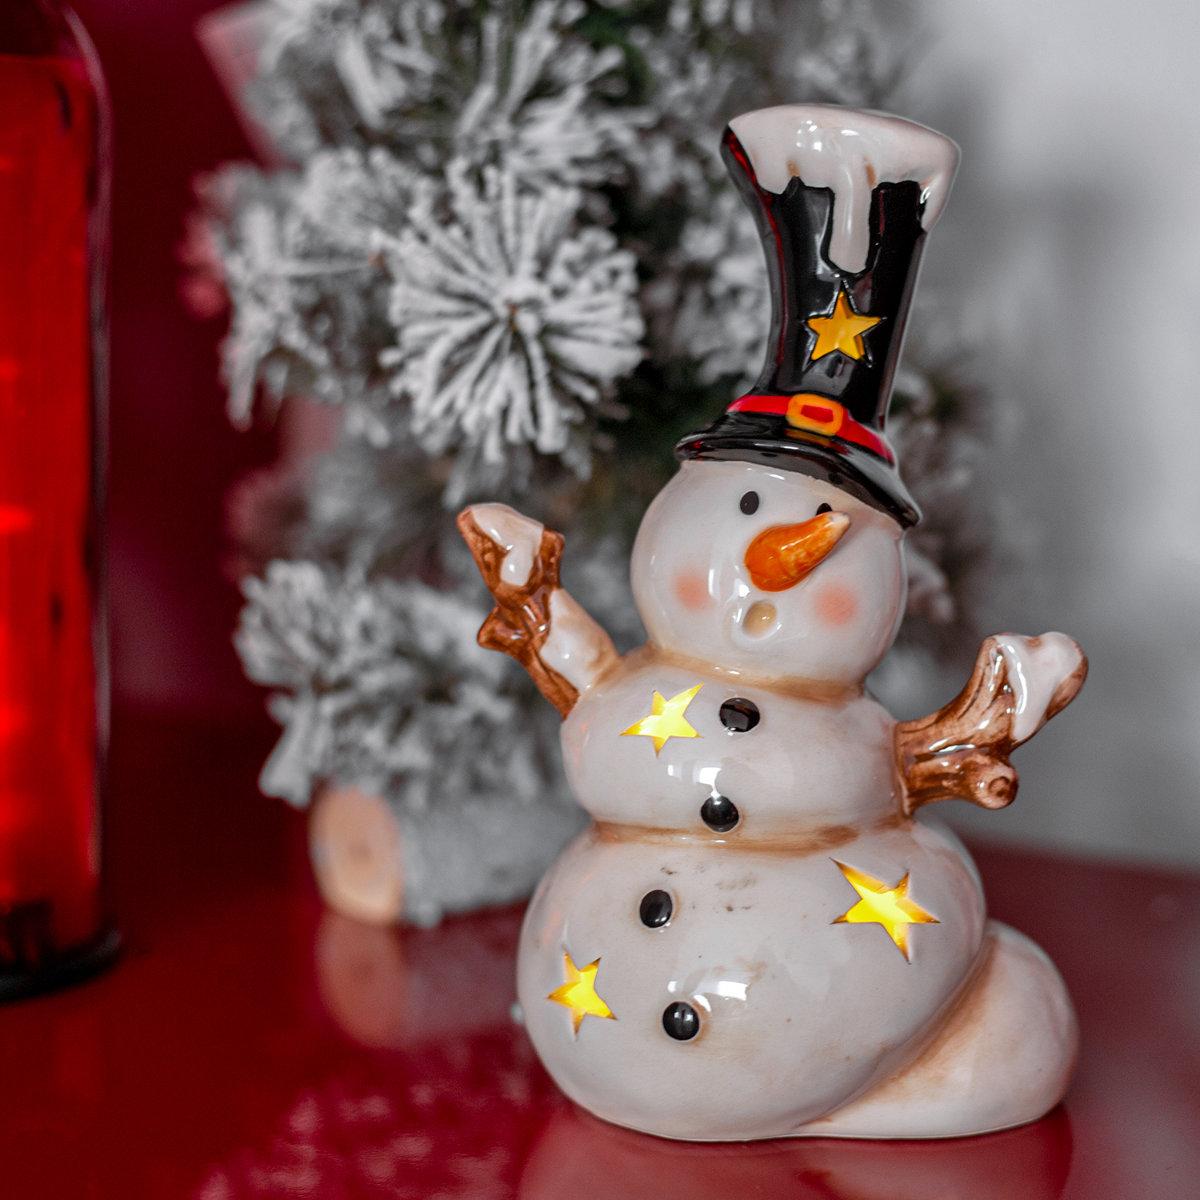 Led Schneemann Olaf Led Windlicht Weihnachten Led Figur Winter